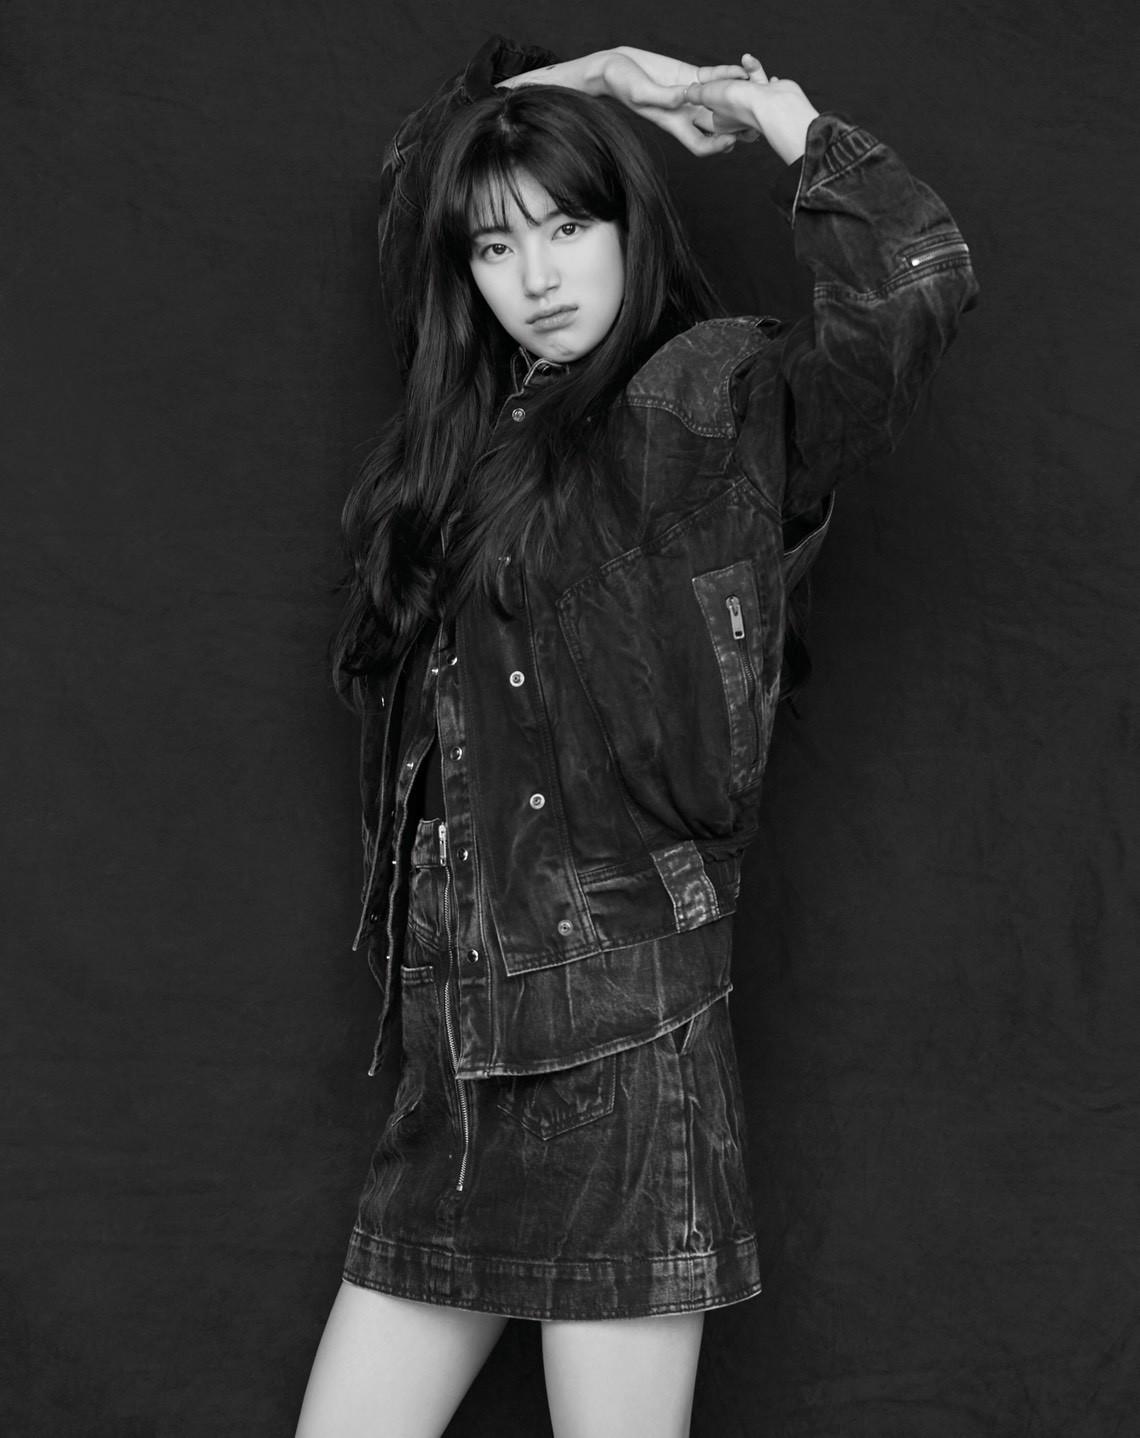 Suzy đẹp đến mức này, bảo sao tài tử Lee Dong Wook cũng phải mê mẩn! - Ảnh 3.